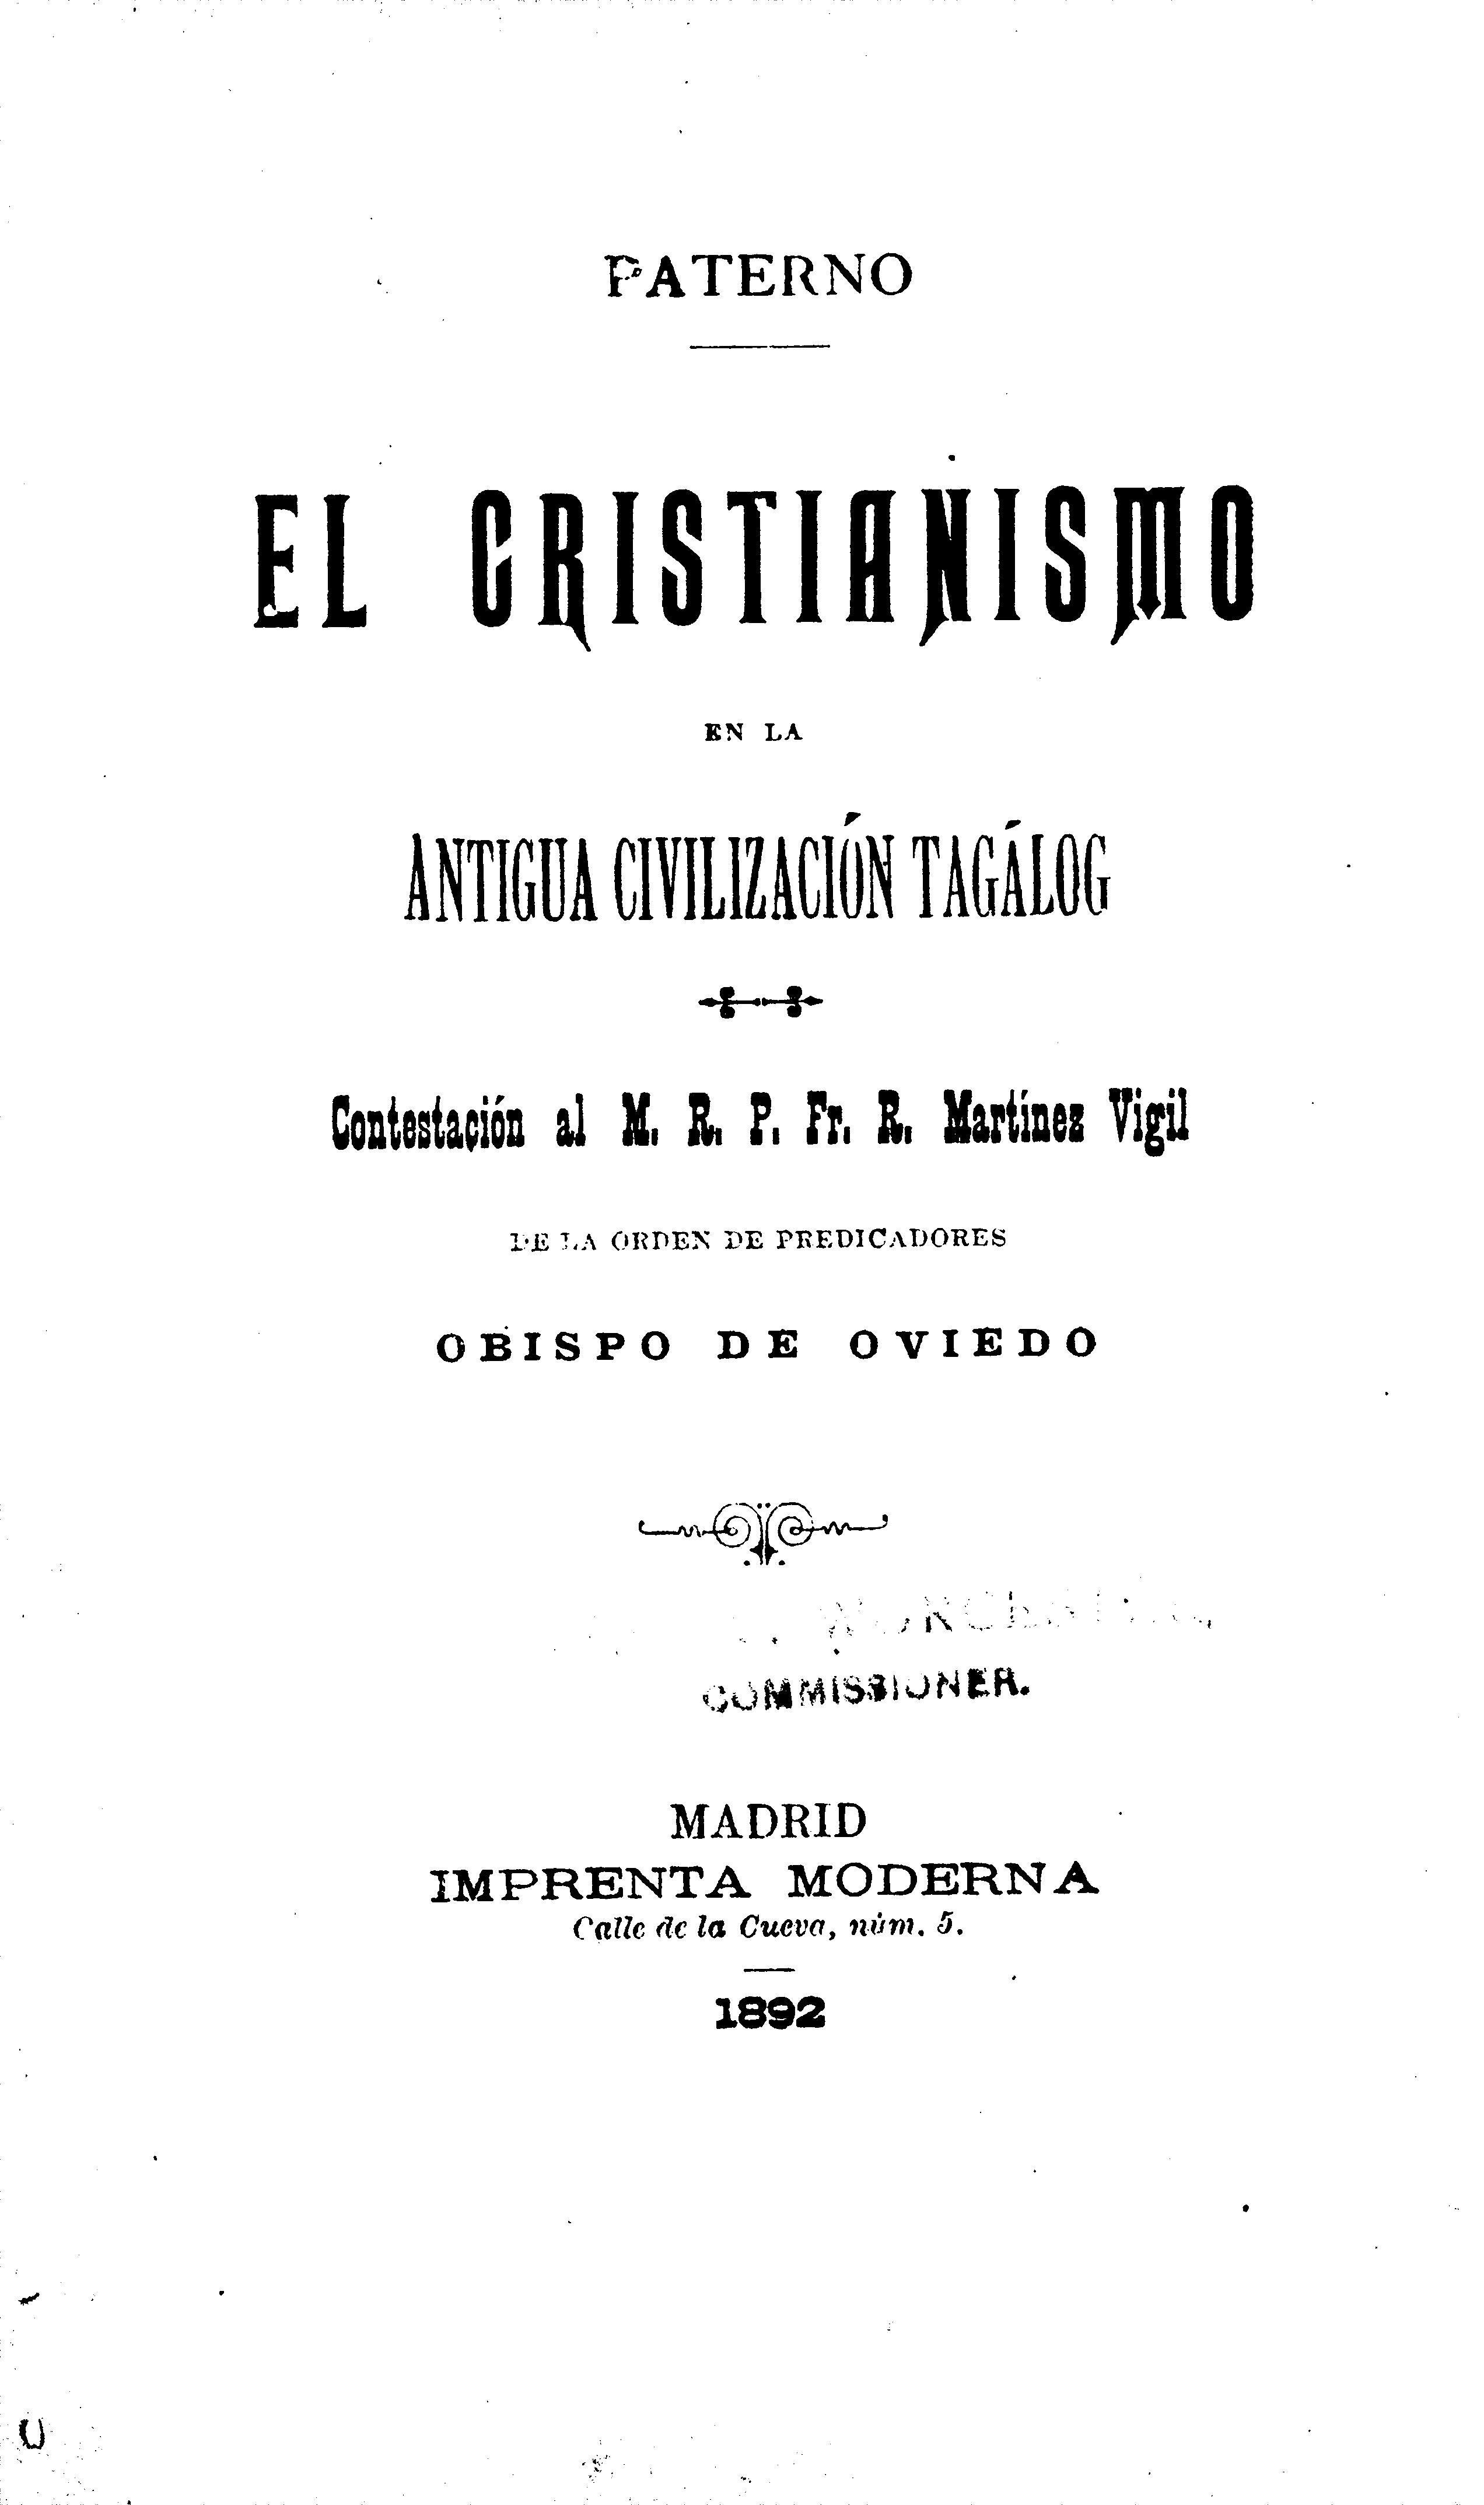 el cristianismo en la antigua civilizacion tagalog httpsarchiveorgdetailsafj22040001001 mga primaryang sanggunian sa kasaysayan ng pilipinas